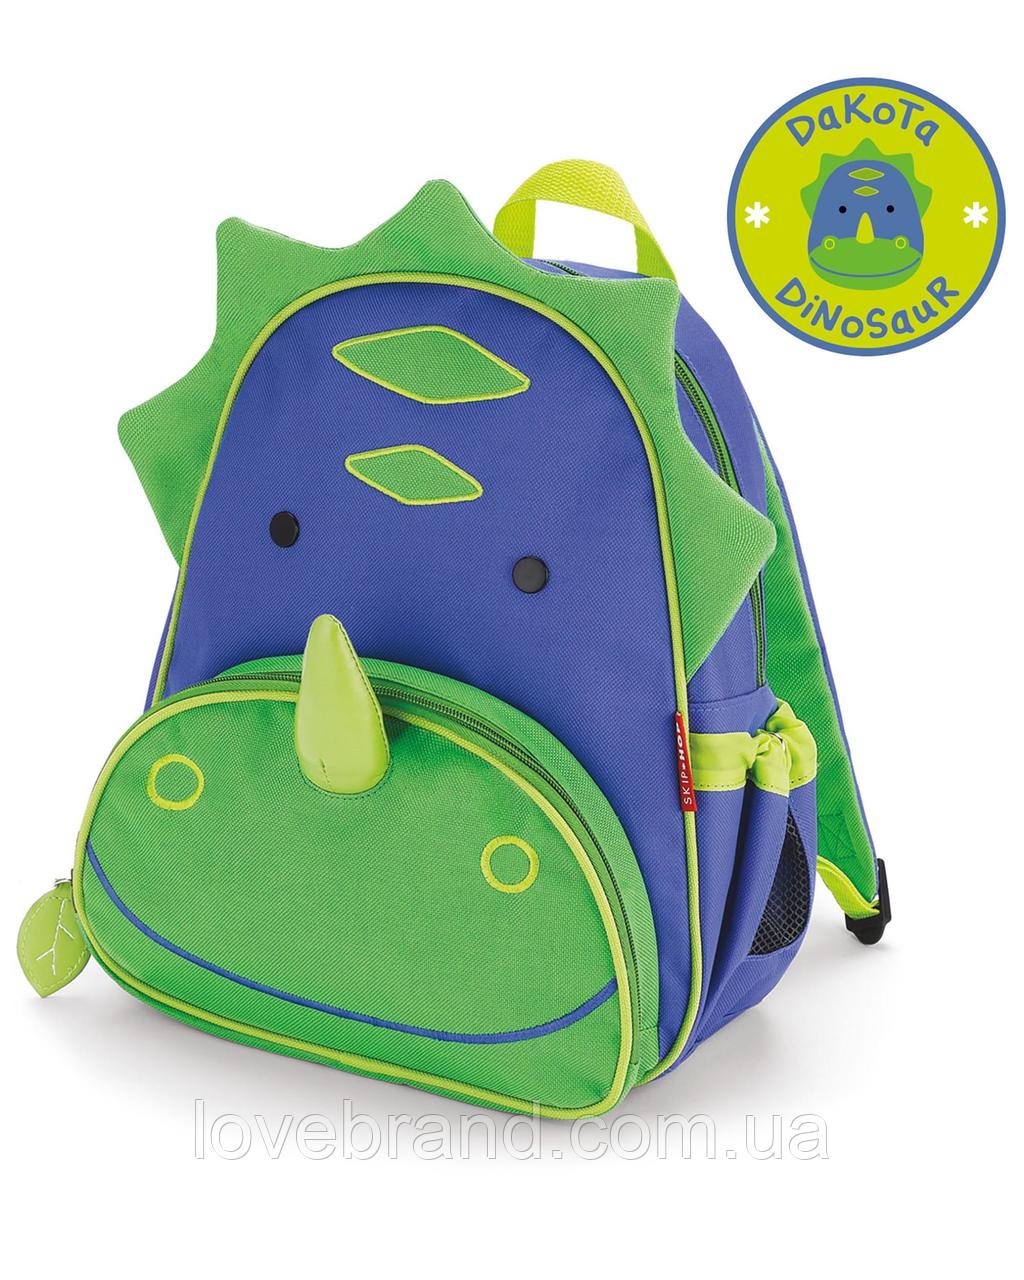 """Детский рюкзак SkipHop """"Динозавр"""", рюкзачок для мальчика от 3-х лет с динозавром Скип Хоп"""